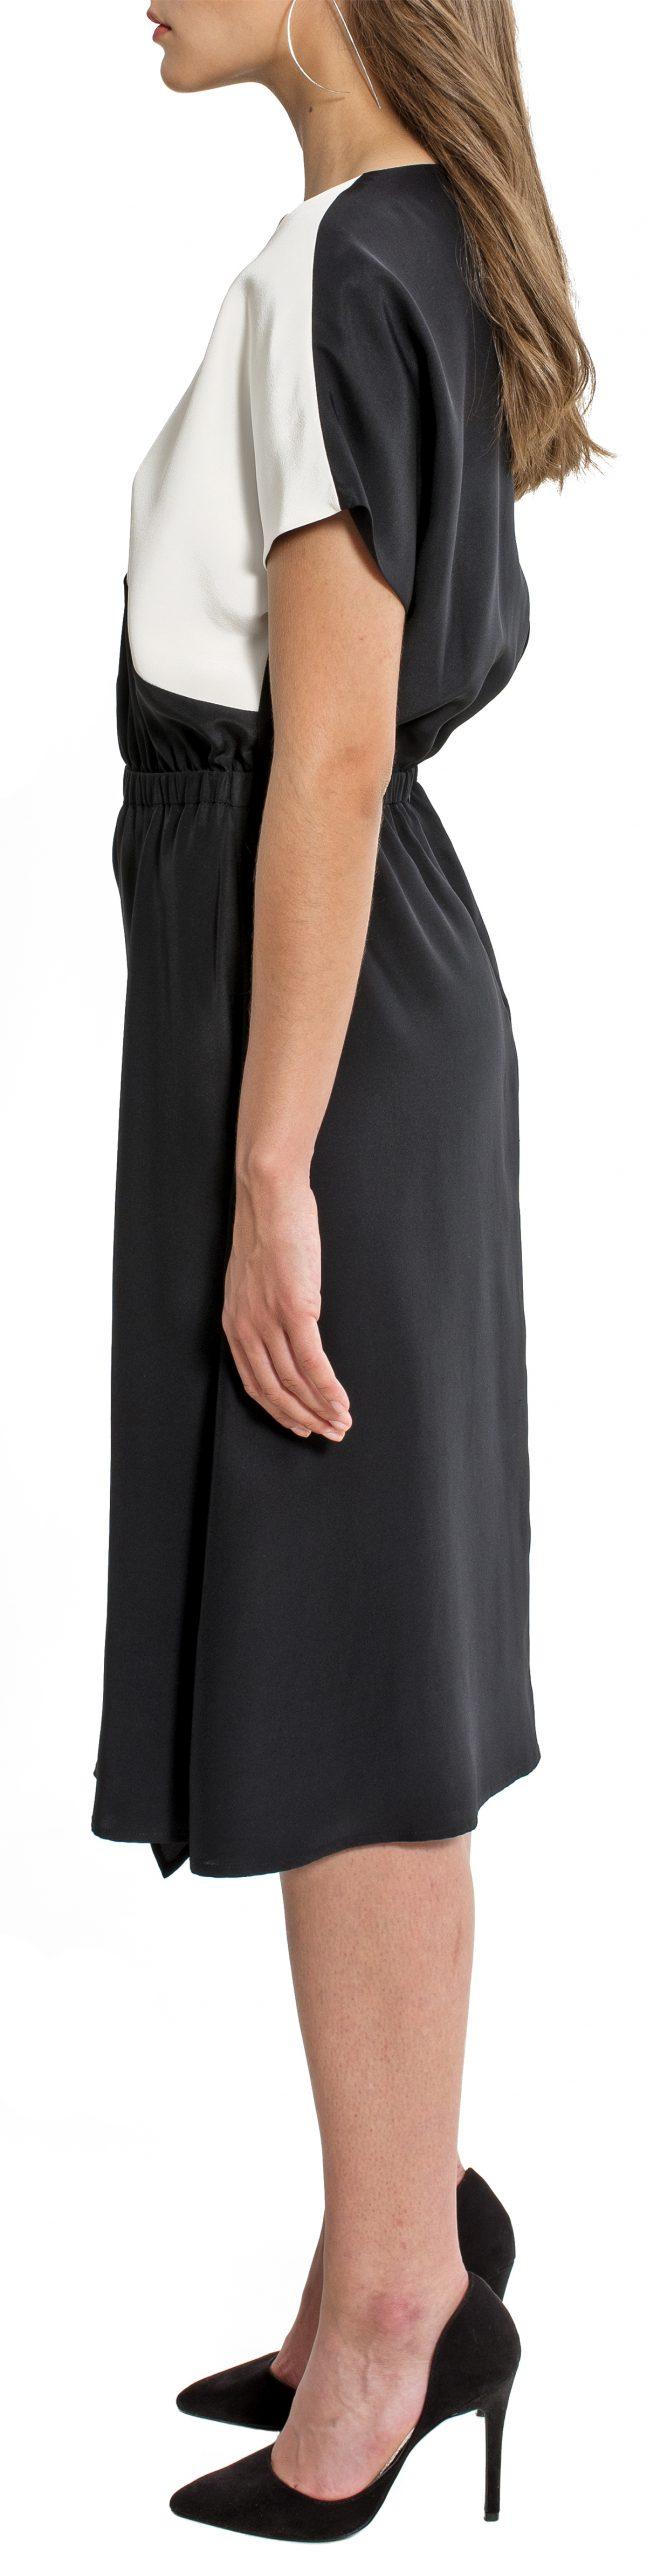 elise-leftside-belowknee-shortsleeve-roundneck-black-white